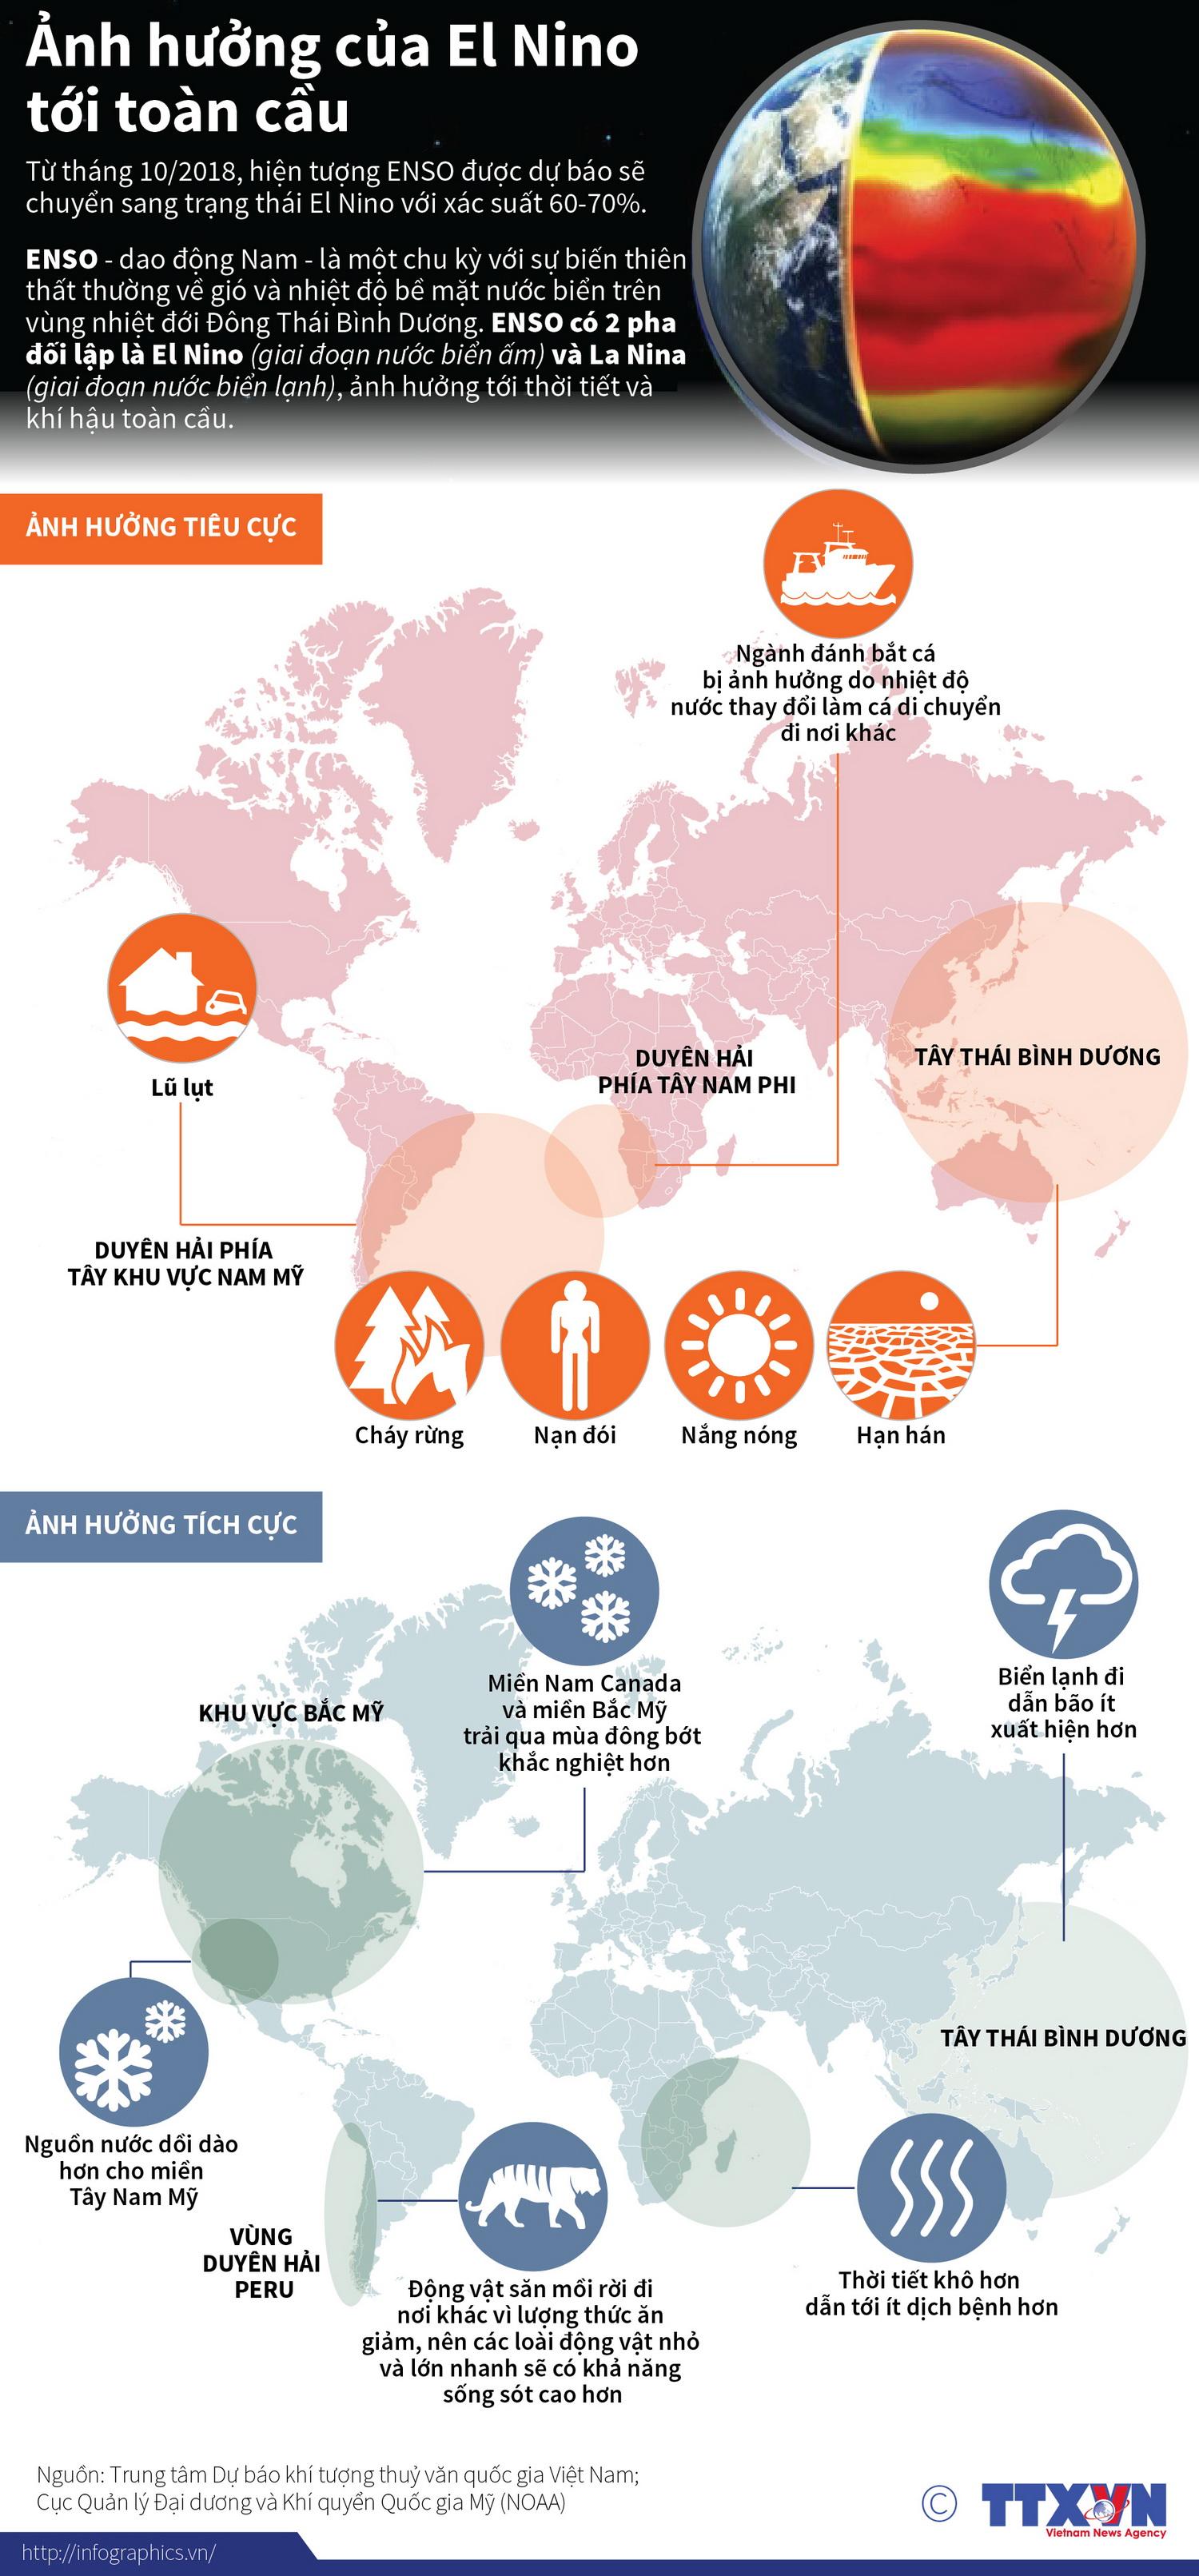 [Infographics] Anh huong cua hien tuong El Nino toi toan cau hinh anh 1